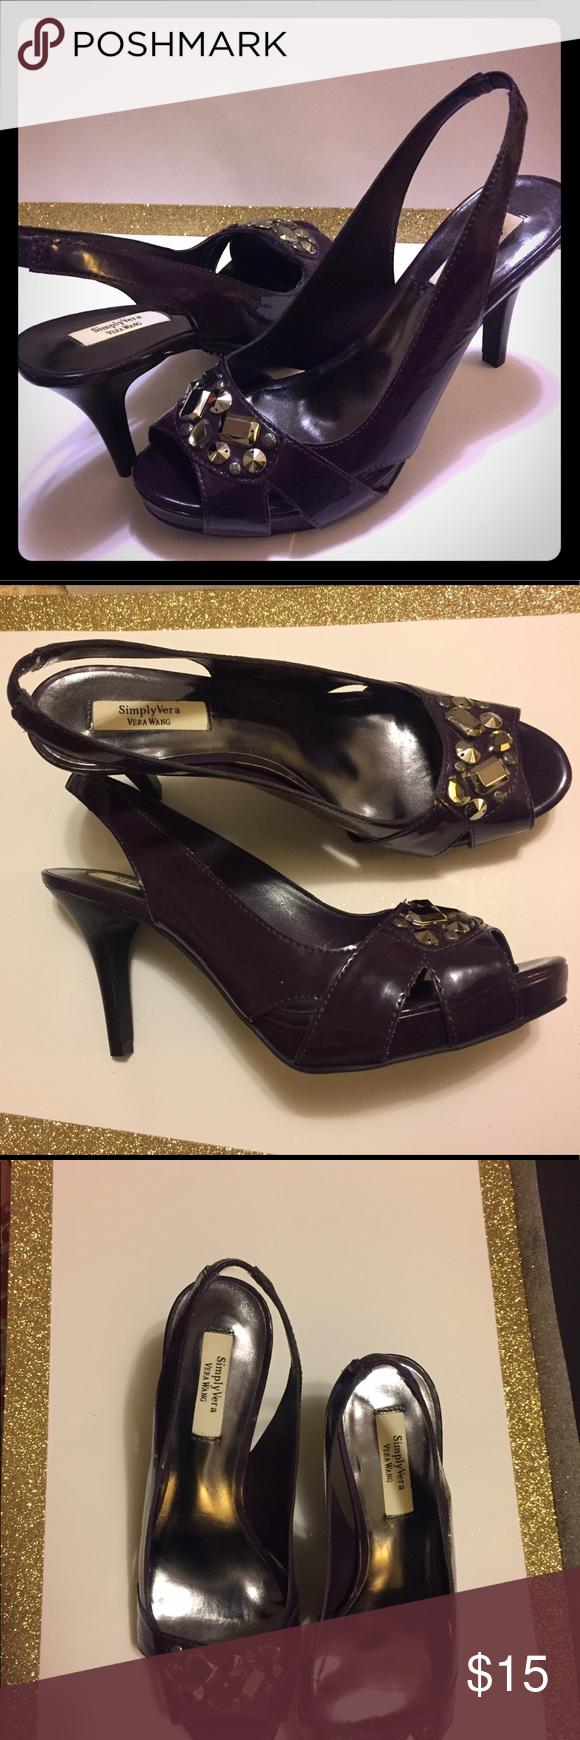 55c4e47eaf SimplyVera—Vera Wang Shoes